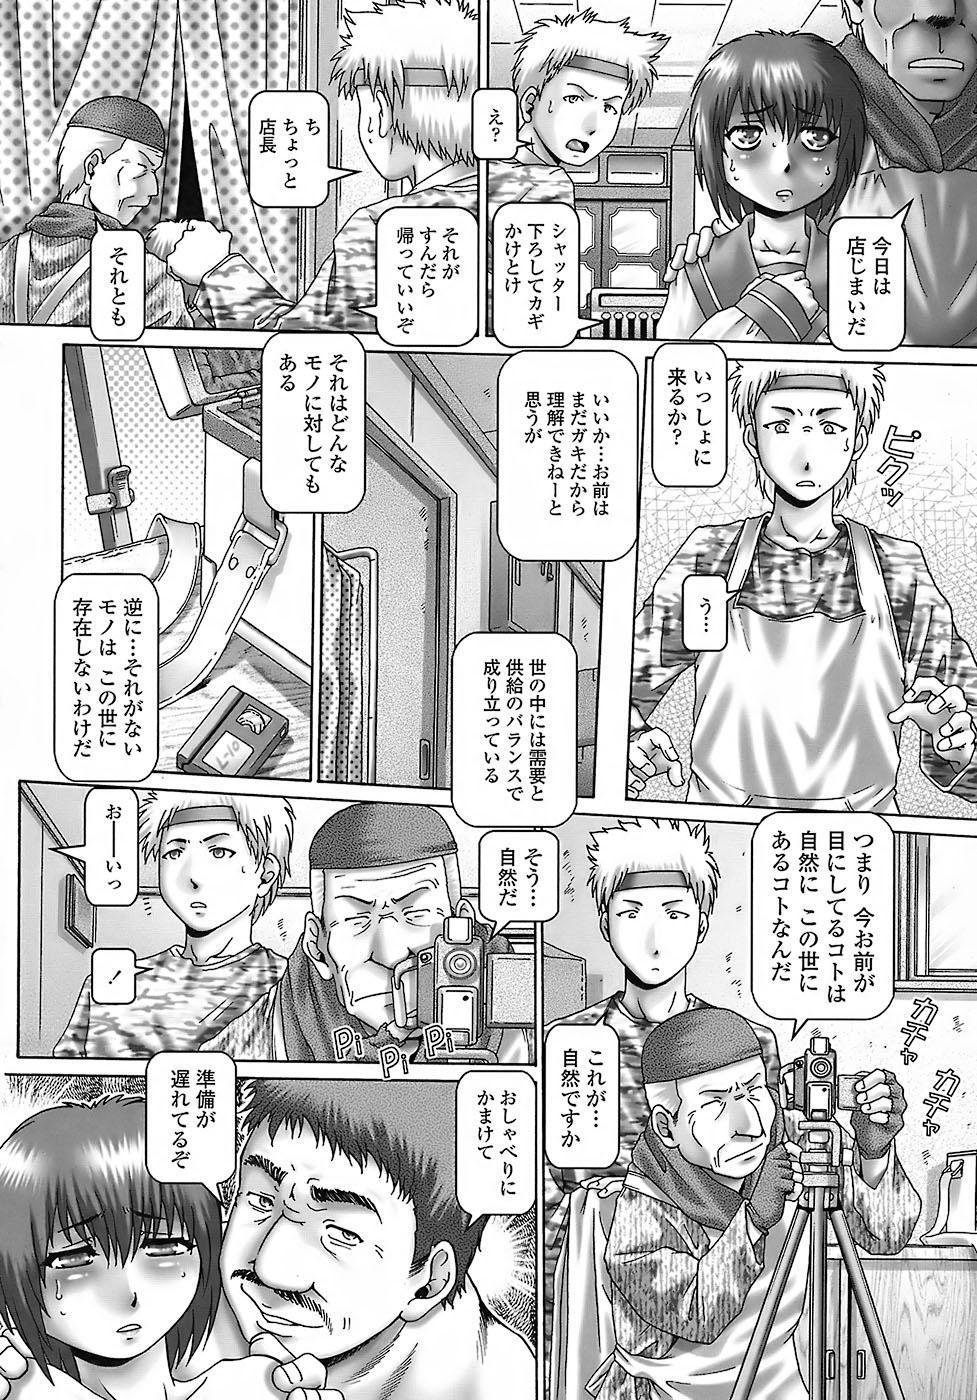 Tenshi no Shizuku 122